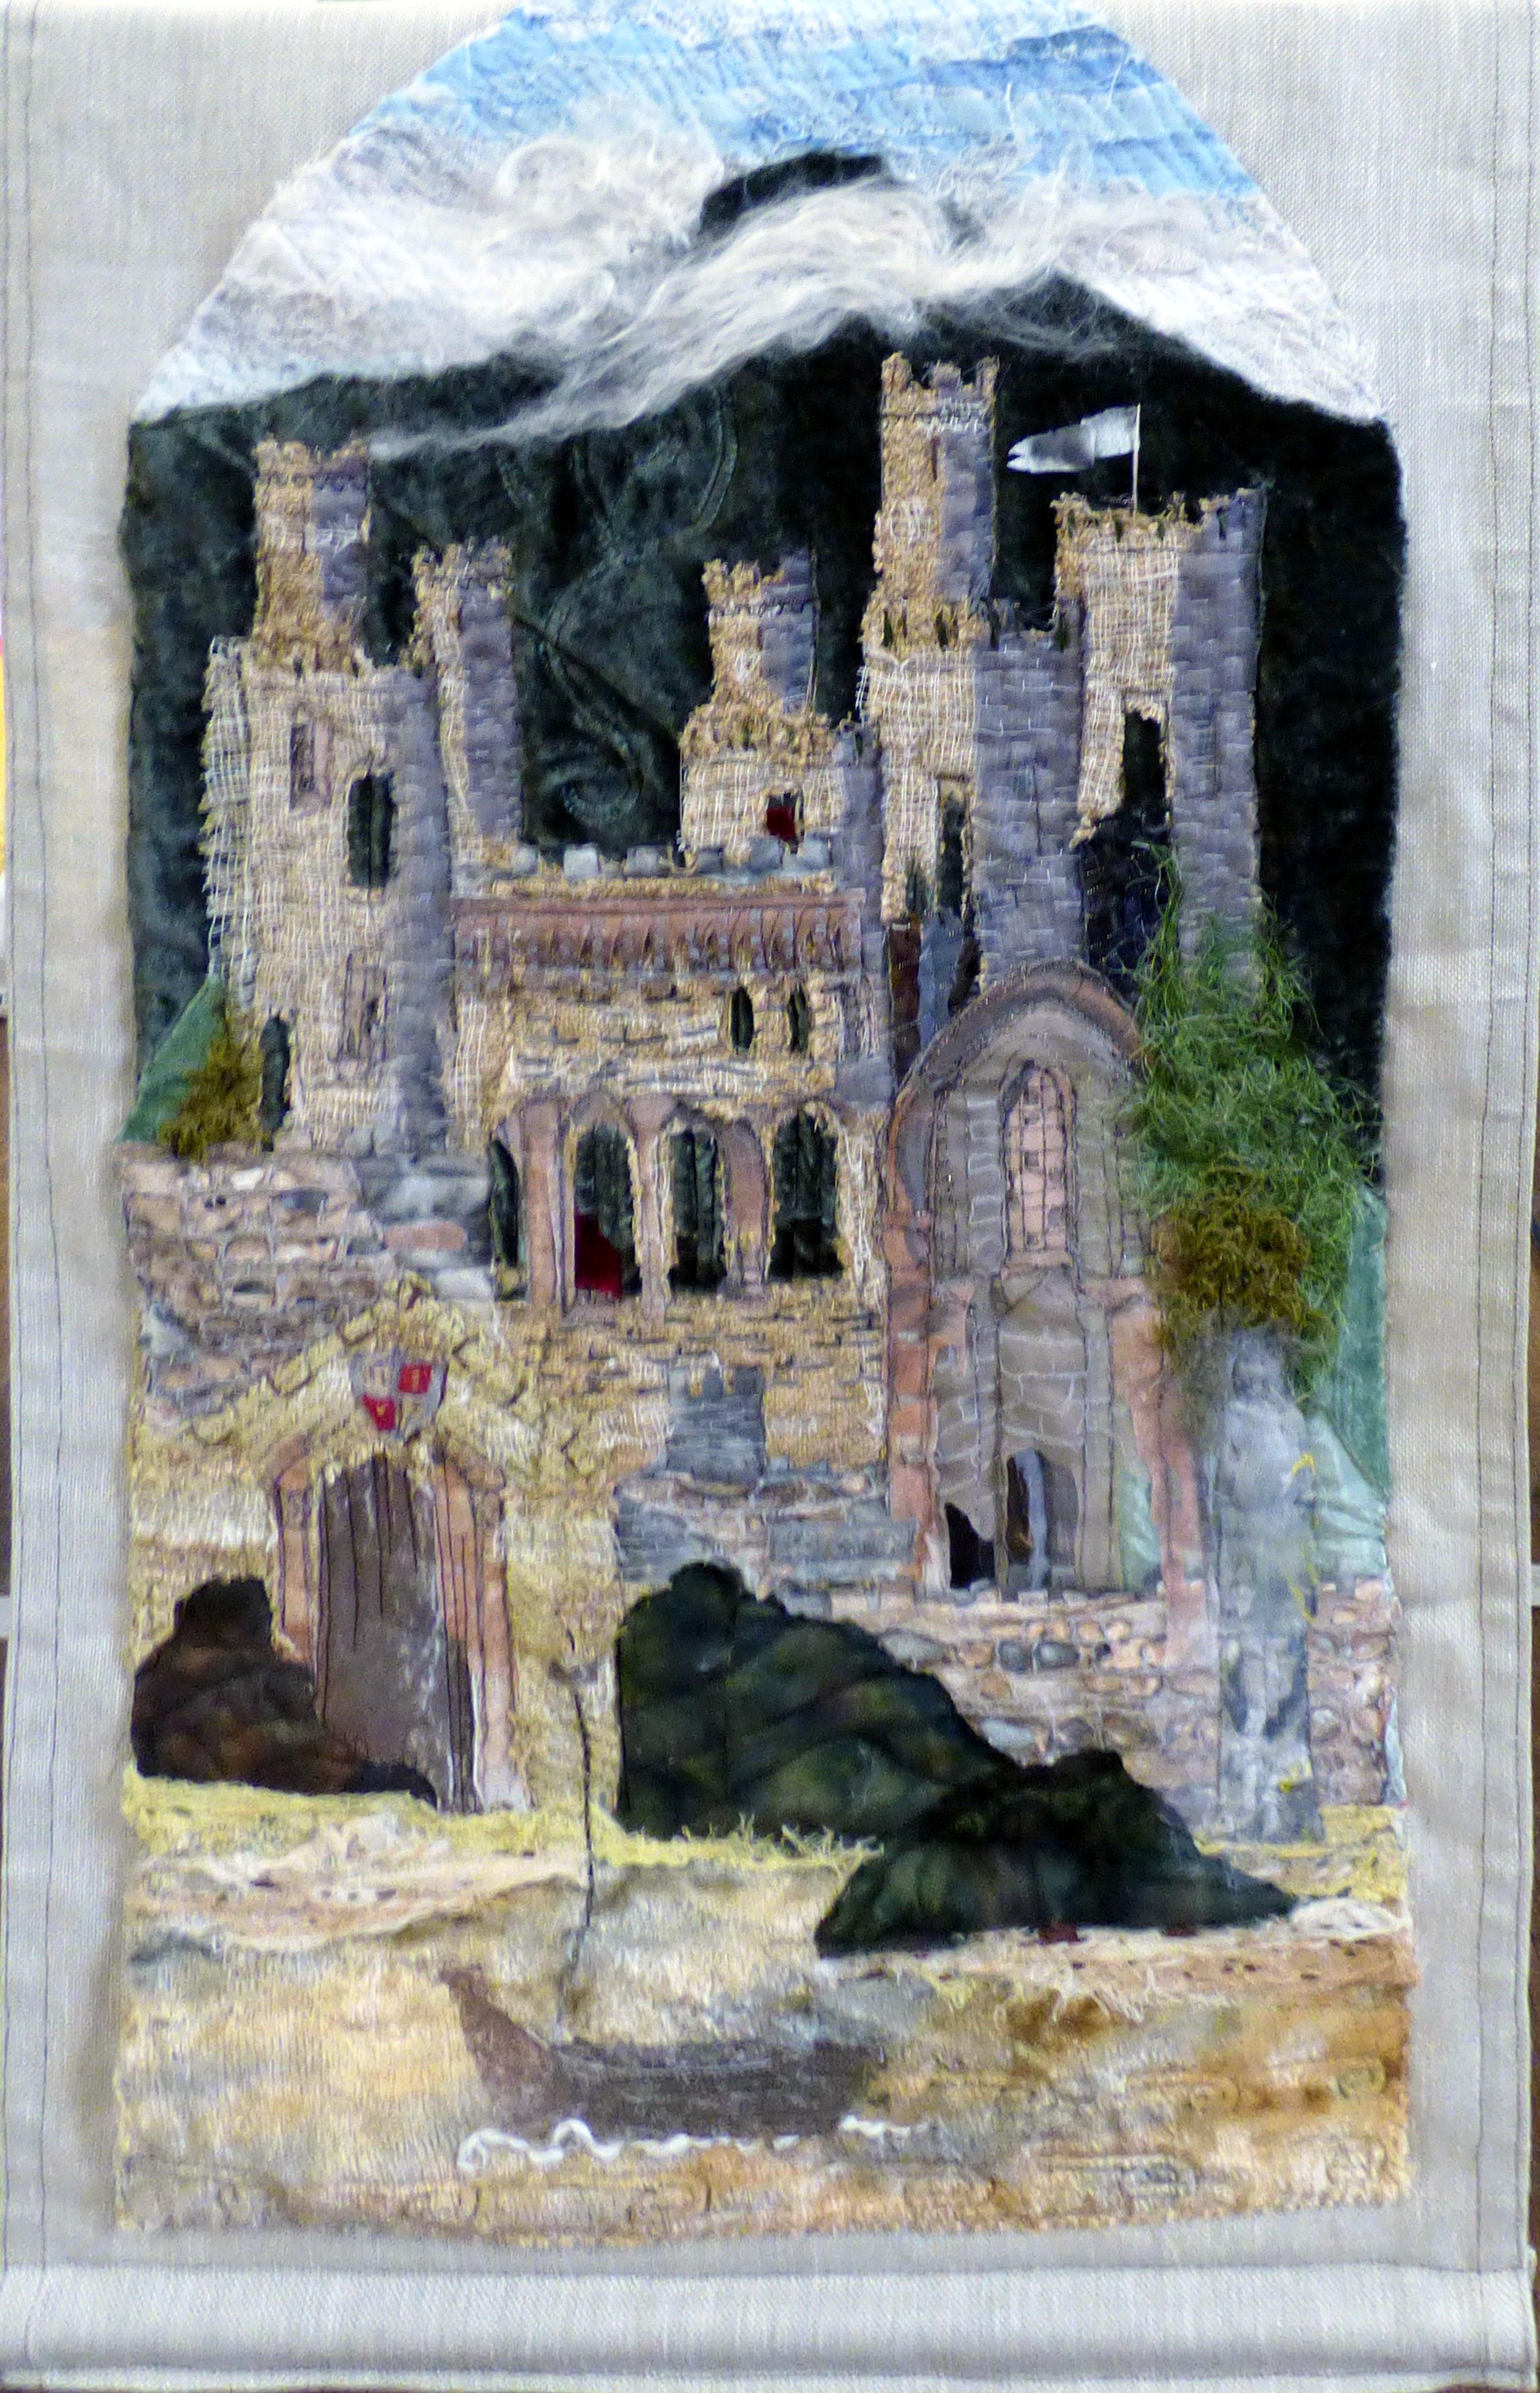 REBUILDING A CASTLE hanging by Linda Beagan, N.Wales EG